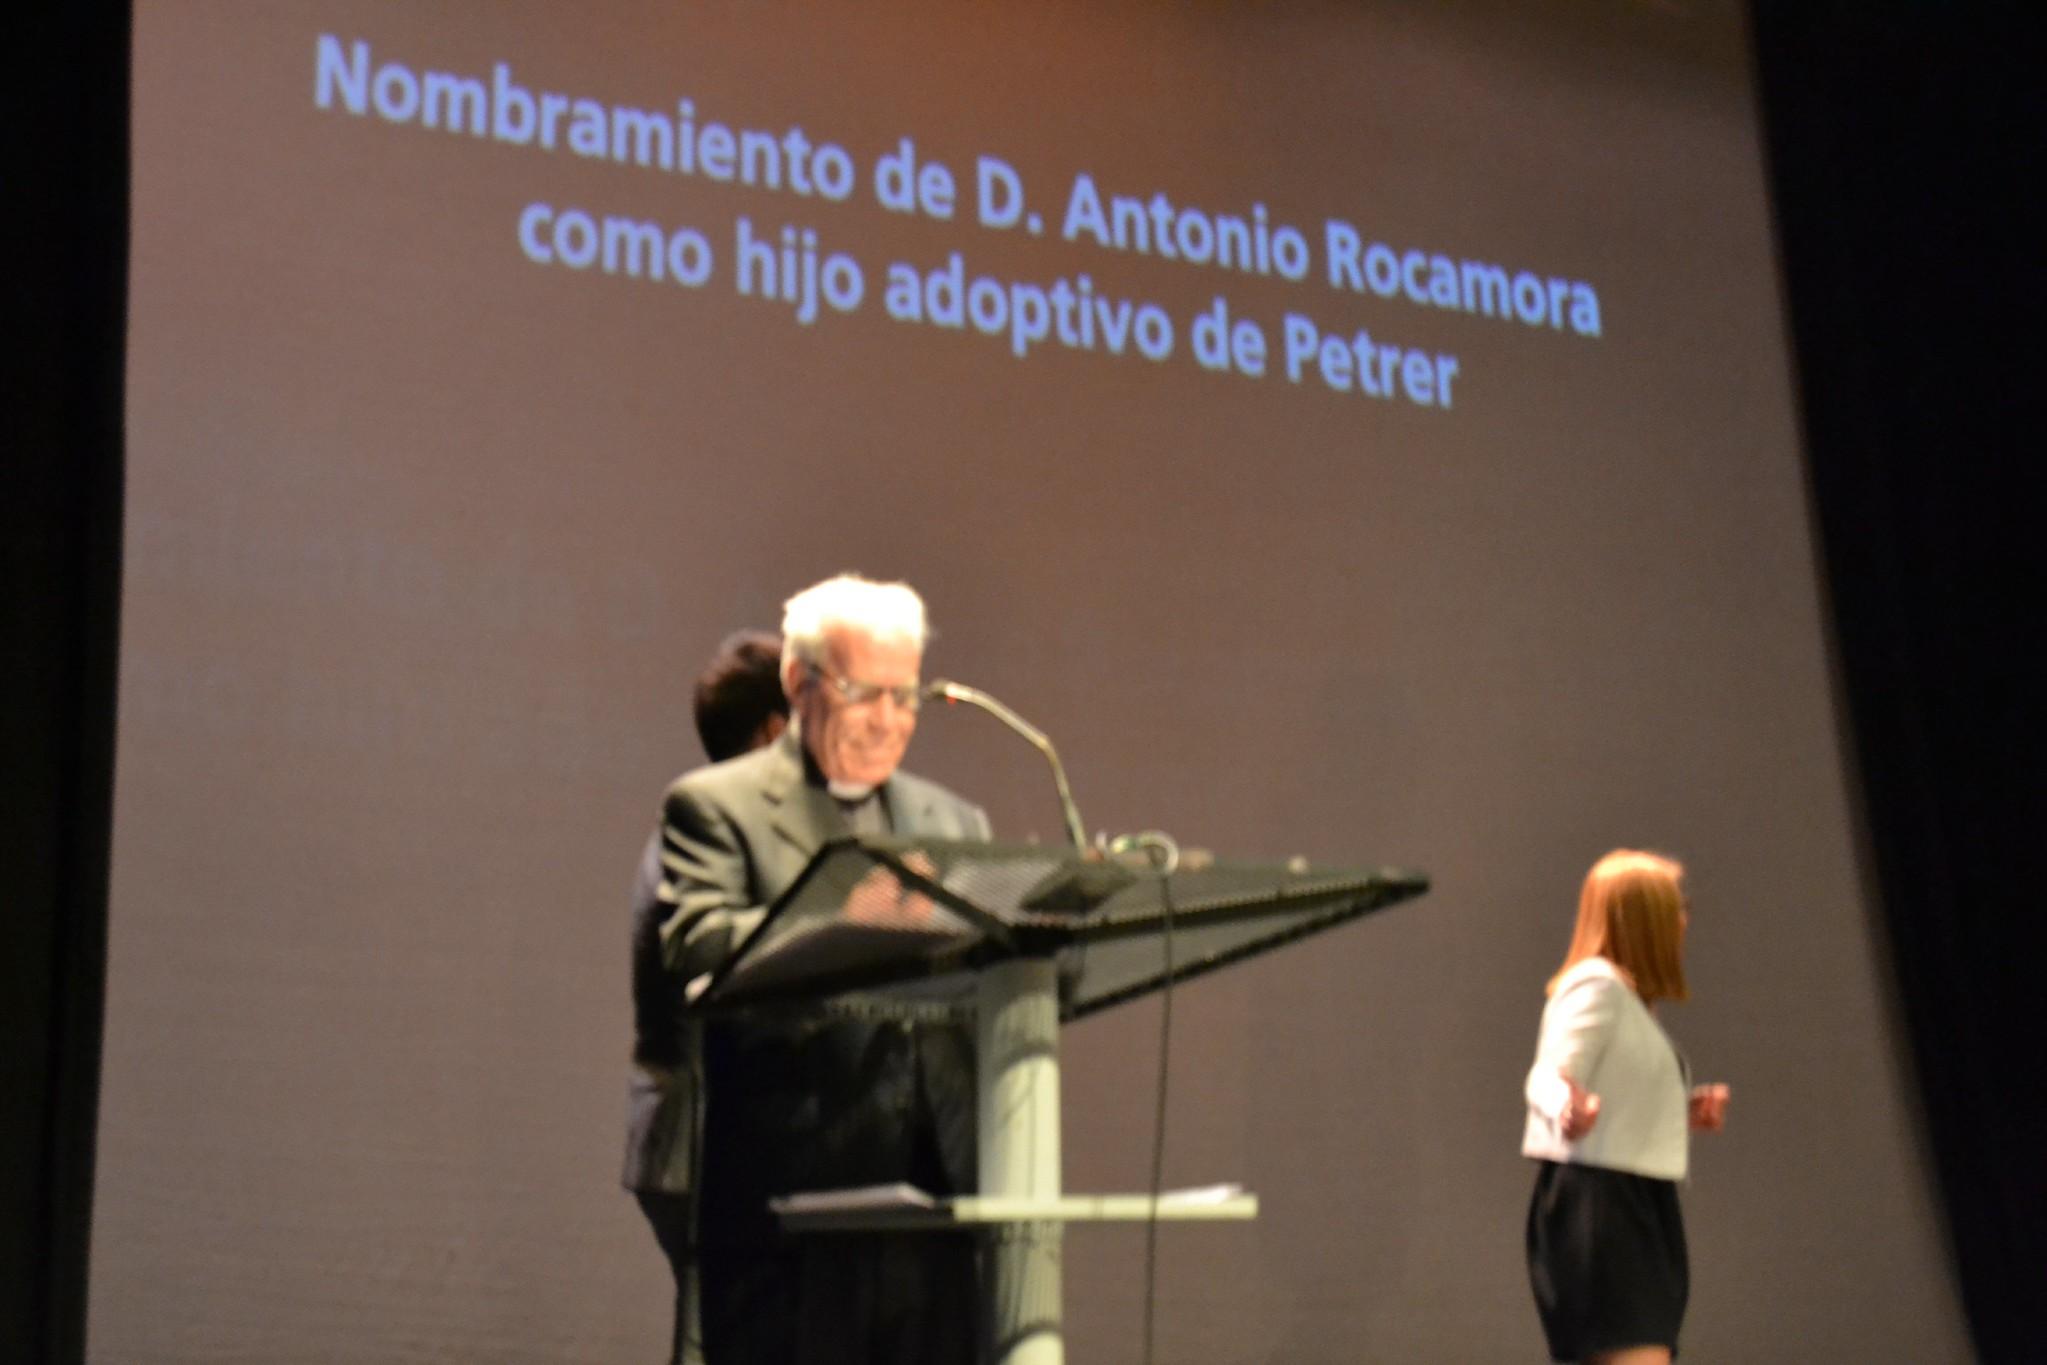 (2019-03-17) Antonio Rocamora - Hijo Adoptivo - Diario el Carrer (10)